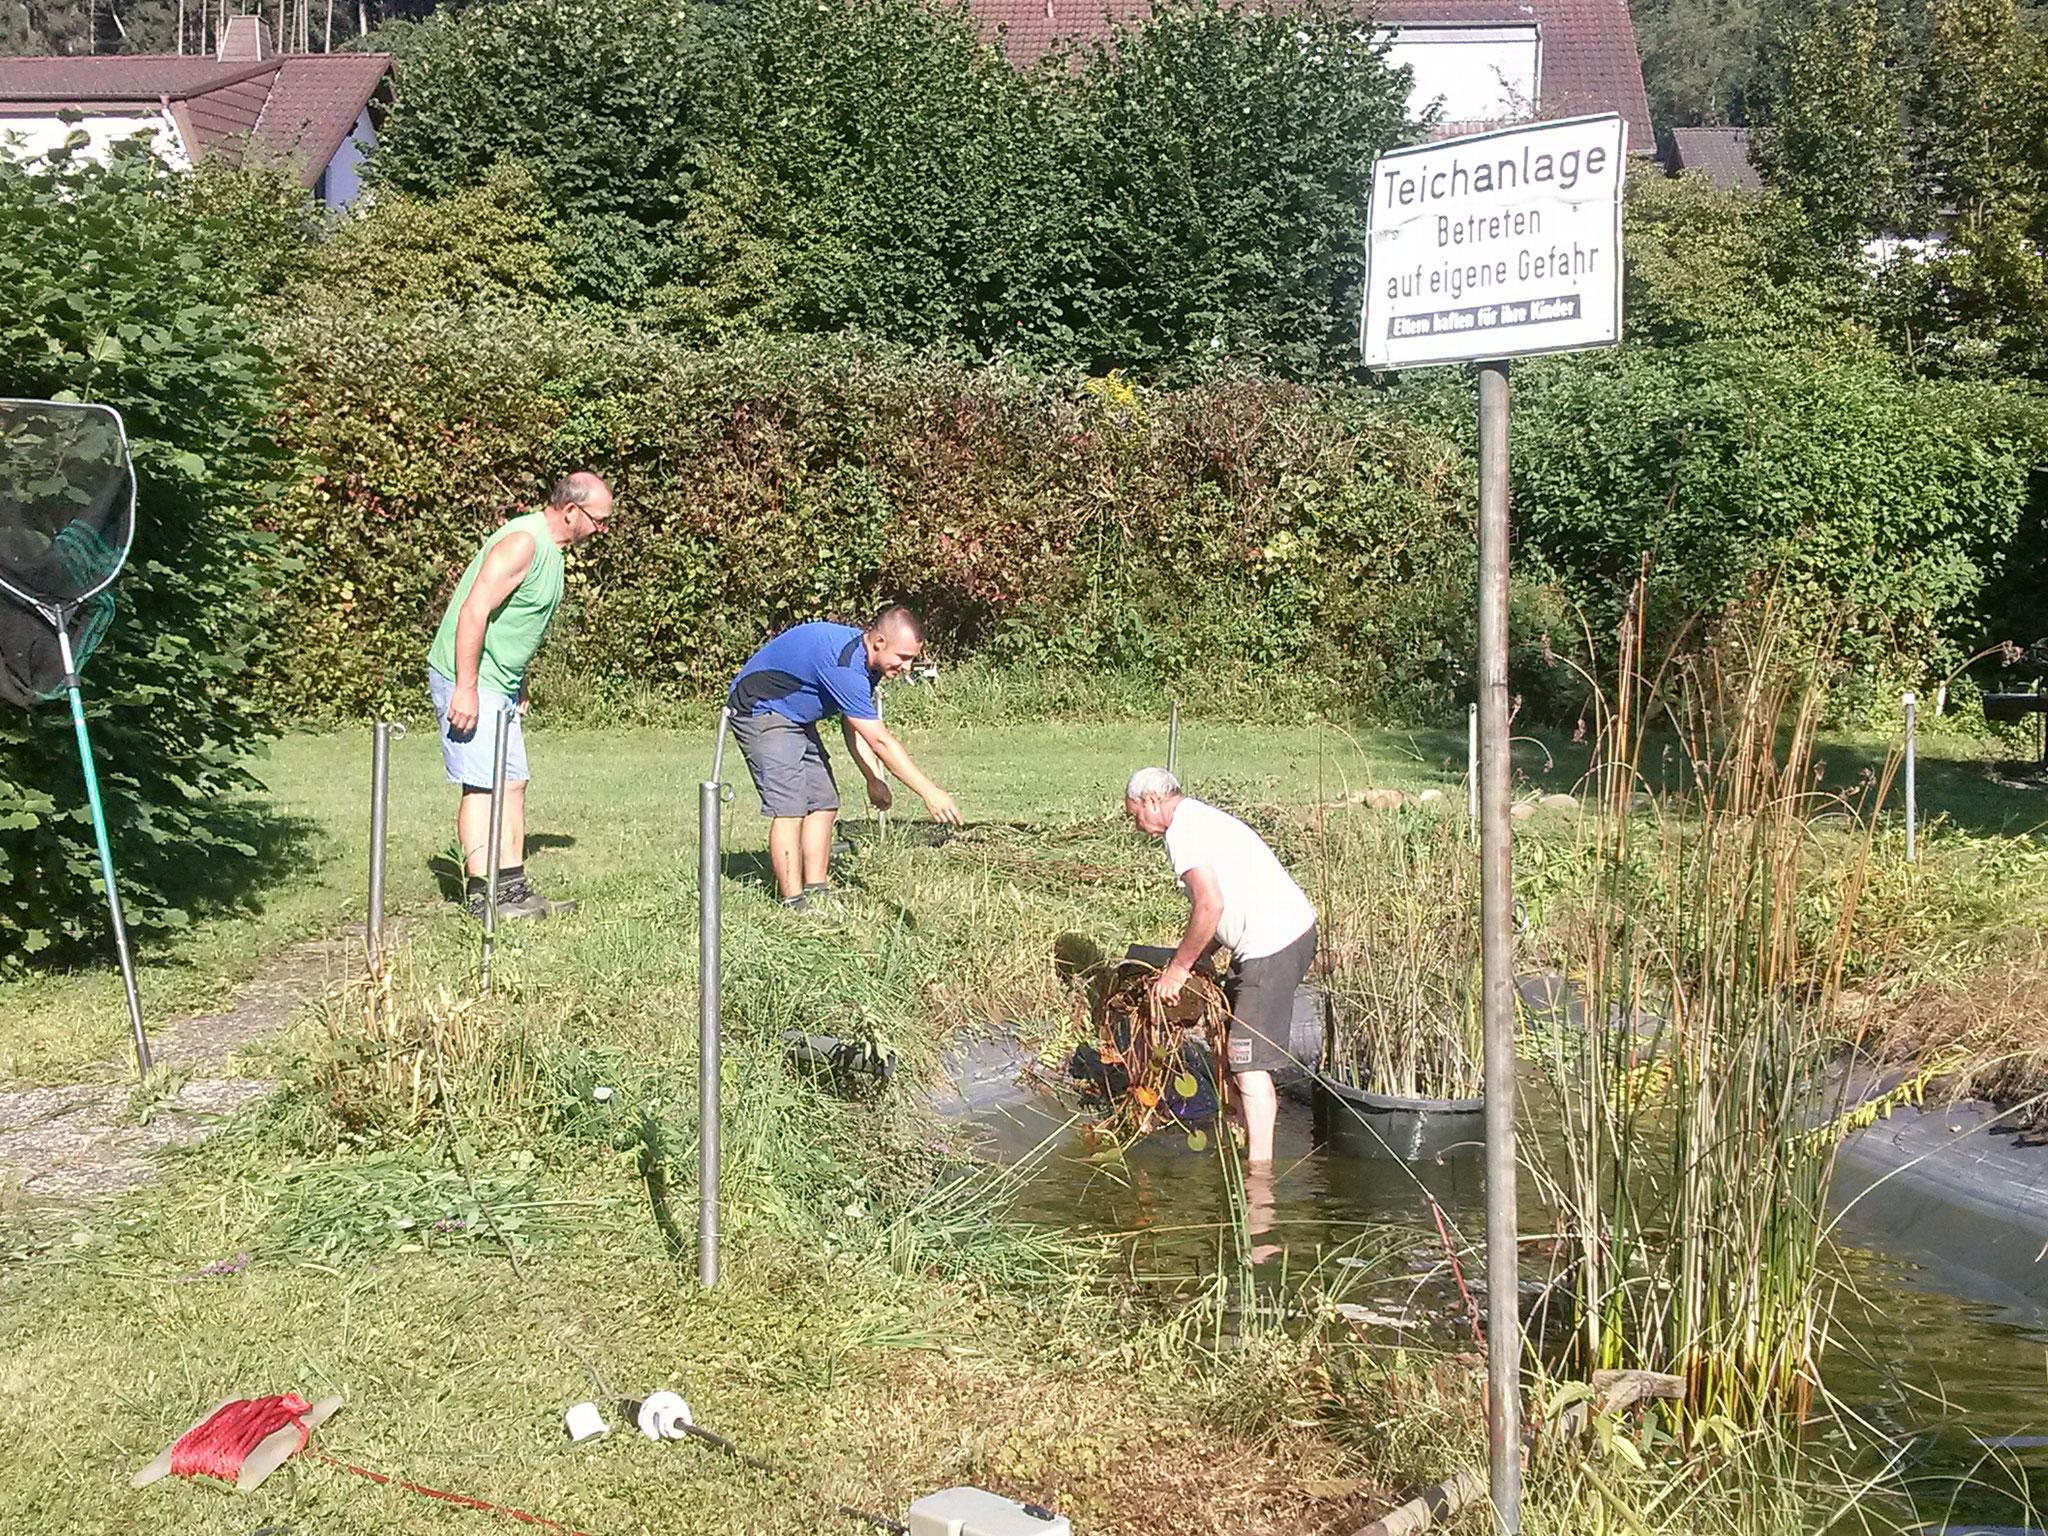 Armin, Wolfgang und Kevin beim verbringen der Teich-Pflanzen